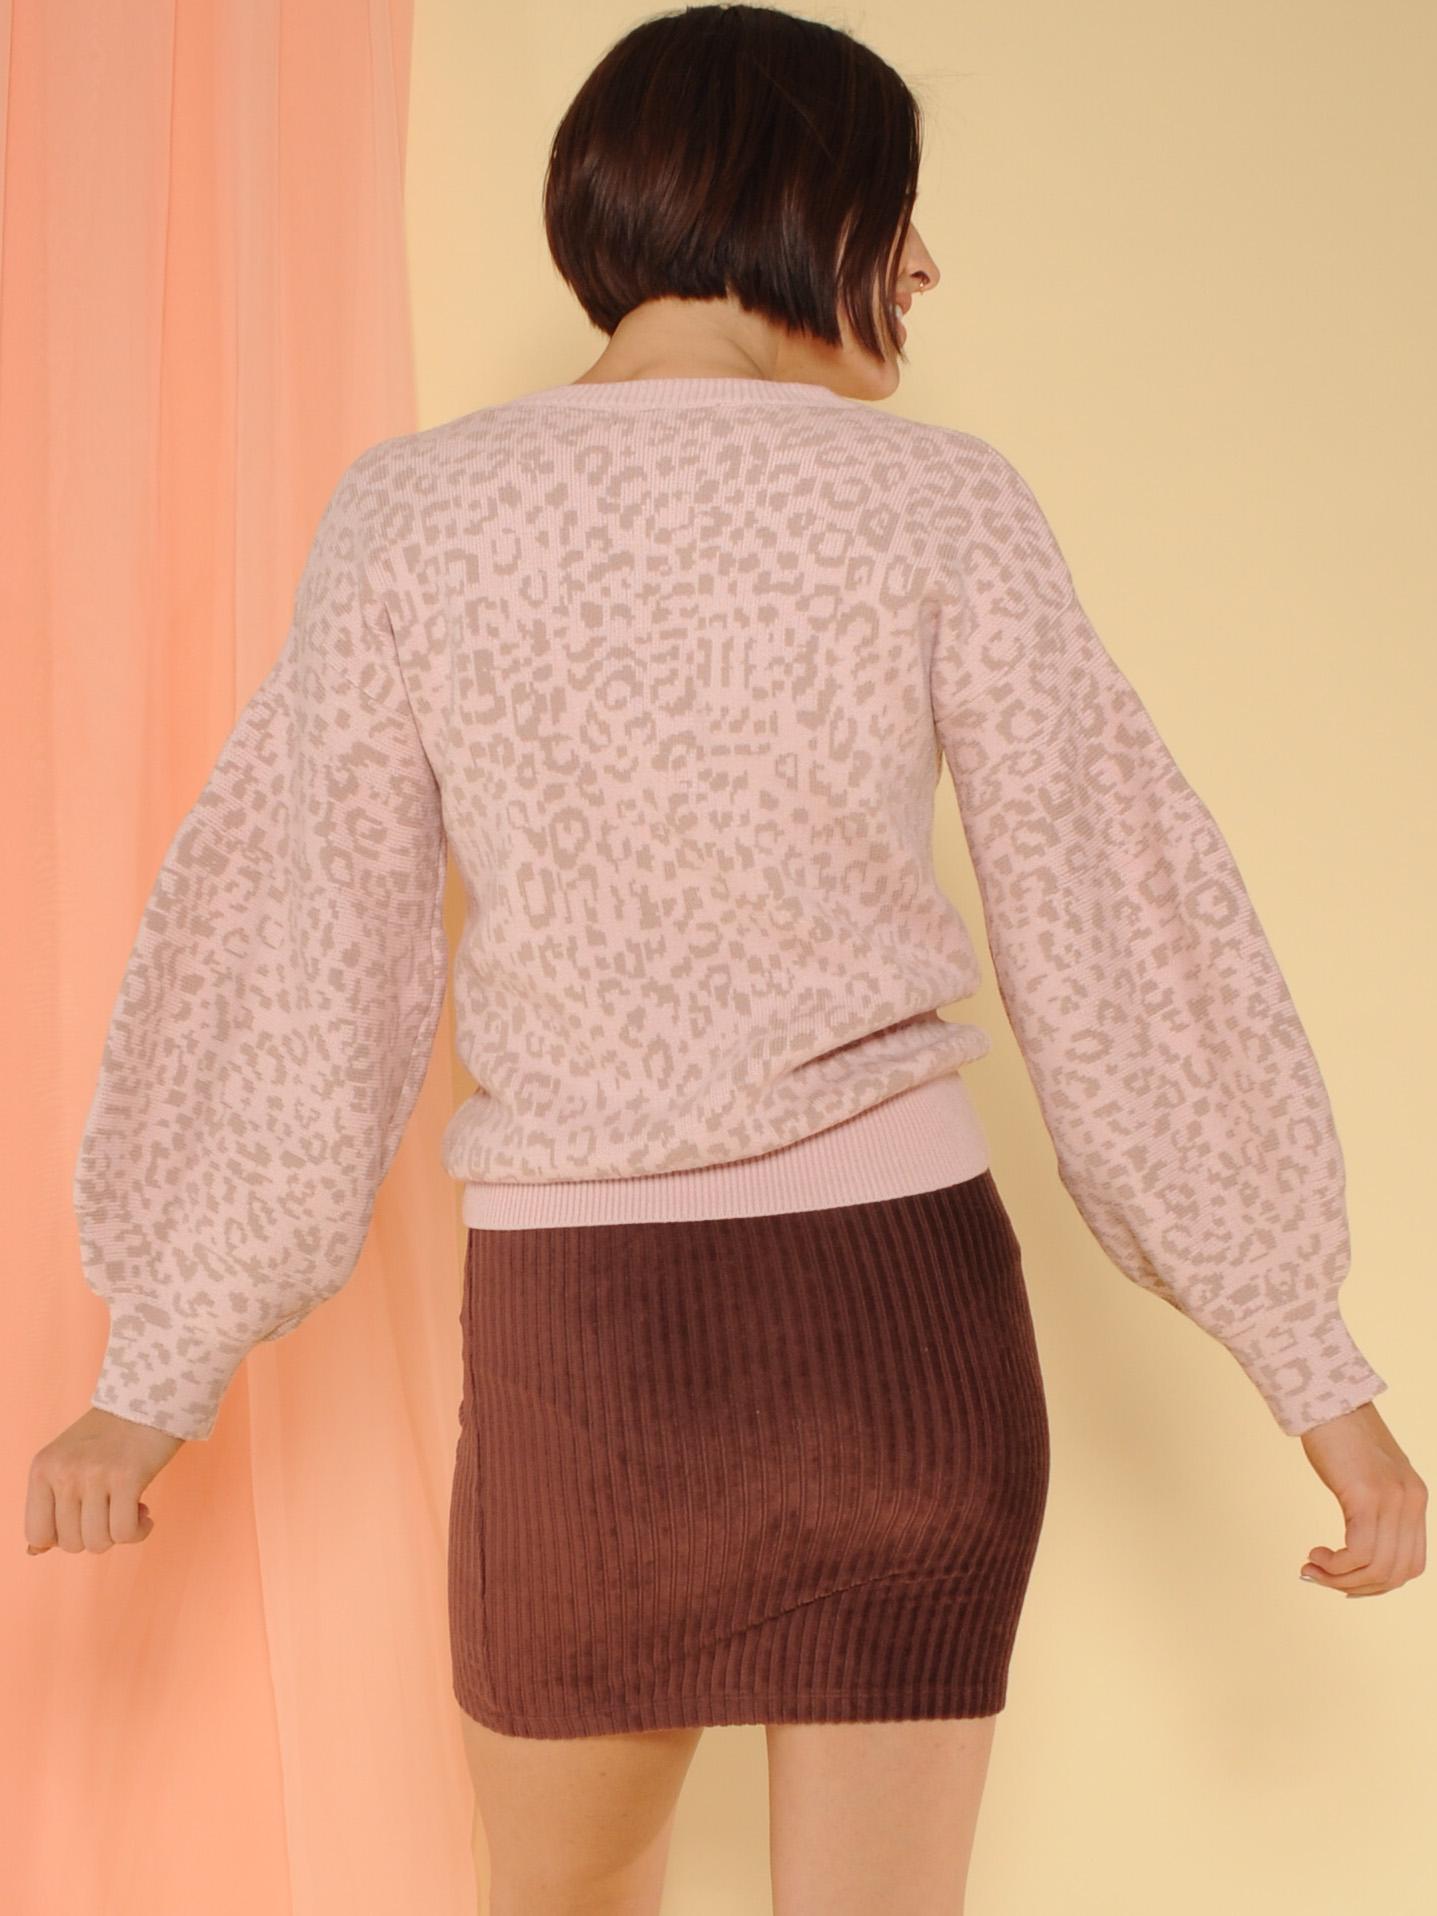 Bebe Leopard Sweater